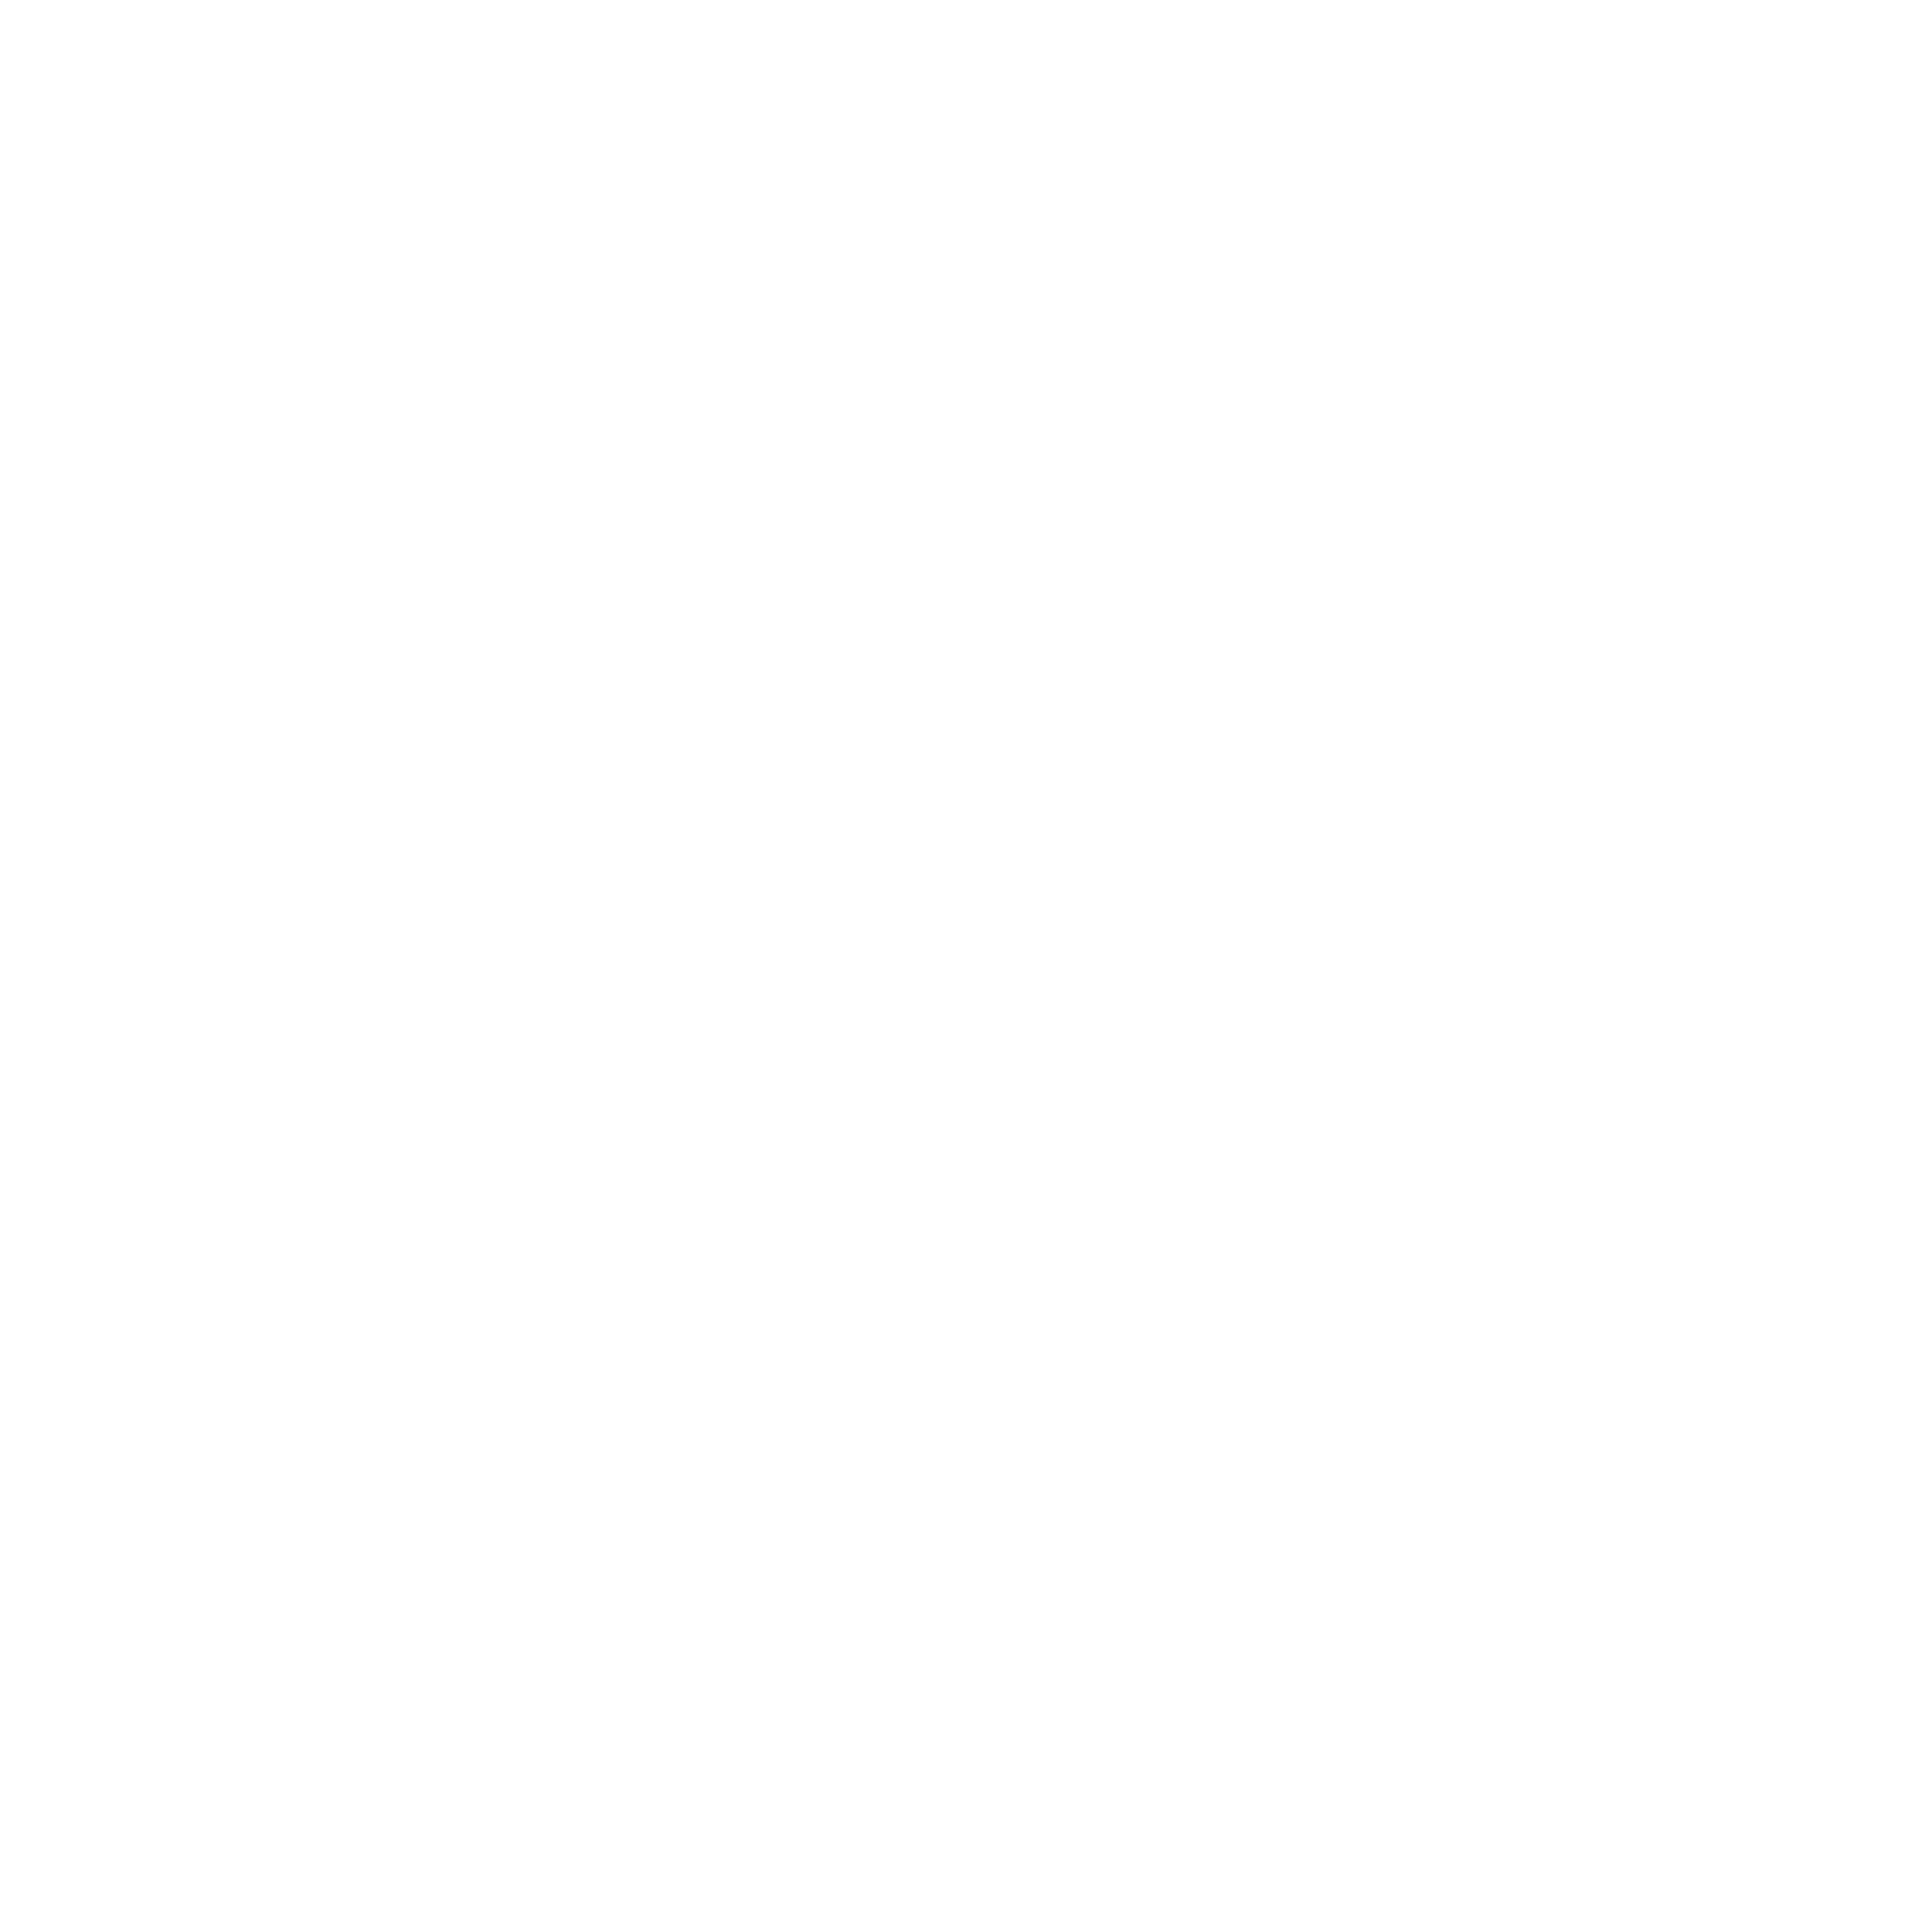 Baumchalets Baumchalets Allgau